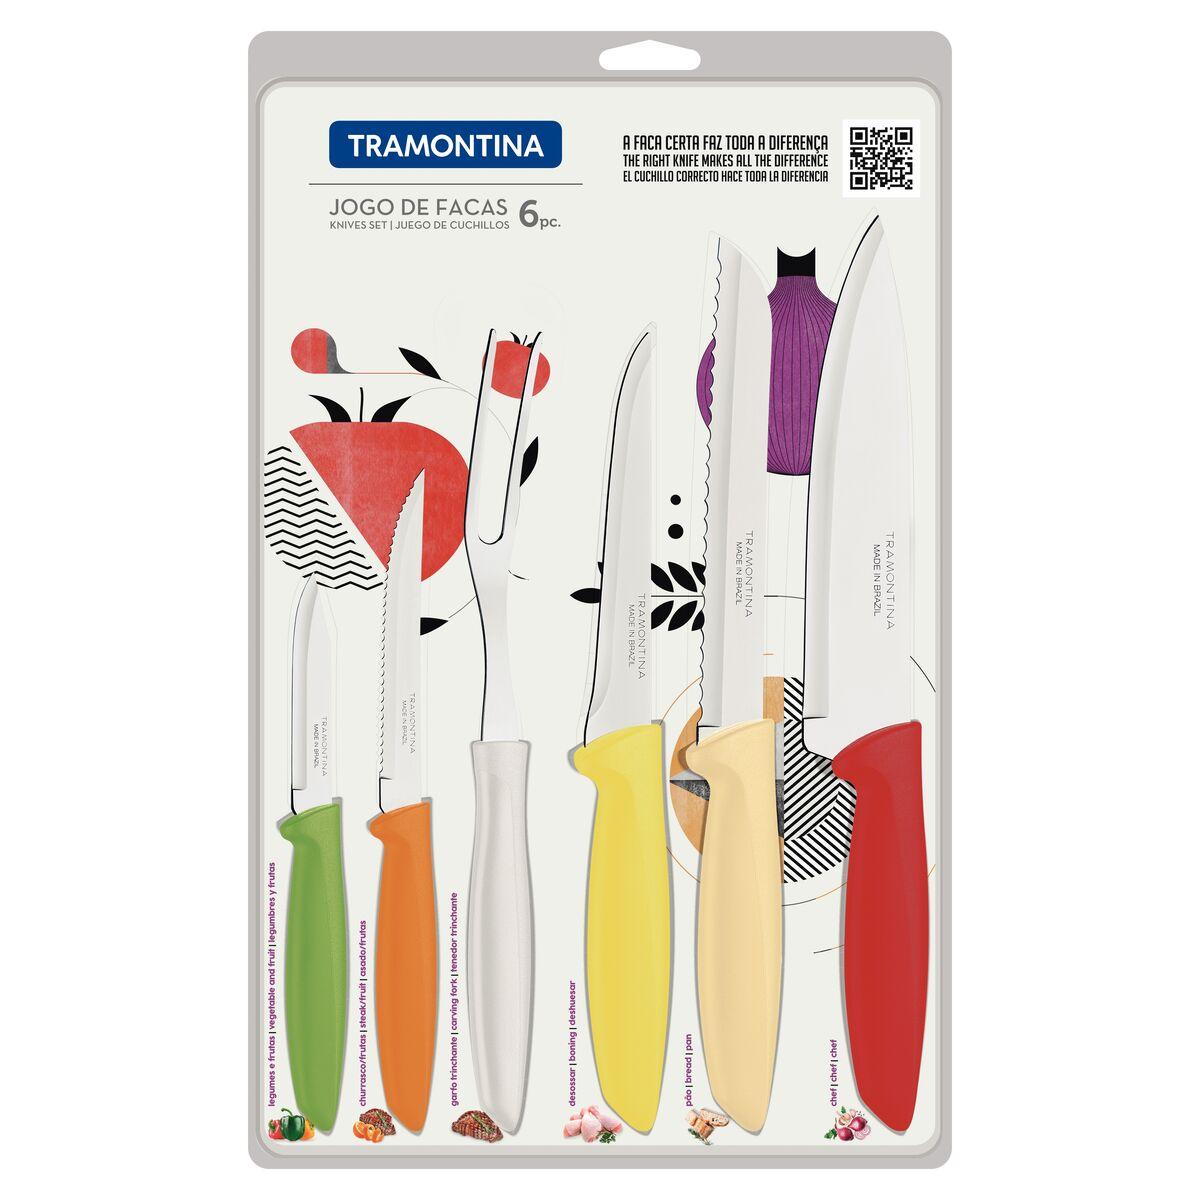 Jogo de Facas Tramontina Plenus com Lâminas em Aço Inox e Cabos de Polipropileno Colorido 06 Peças